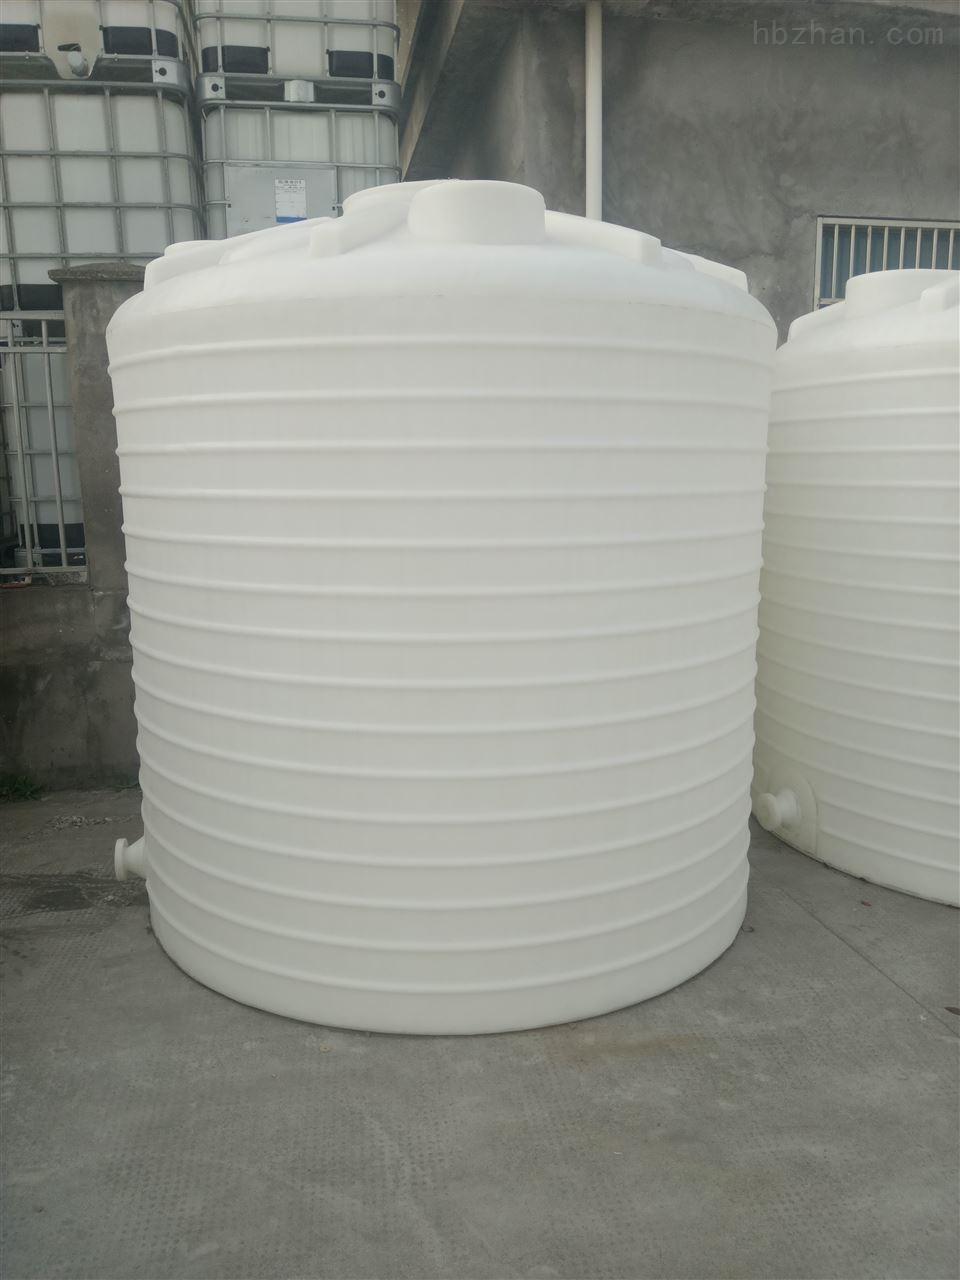 8吨加厚防腐PE化工储罐